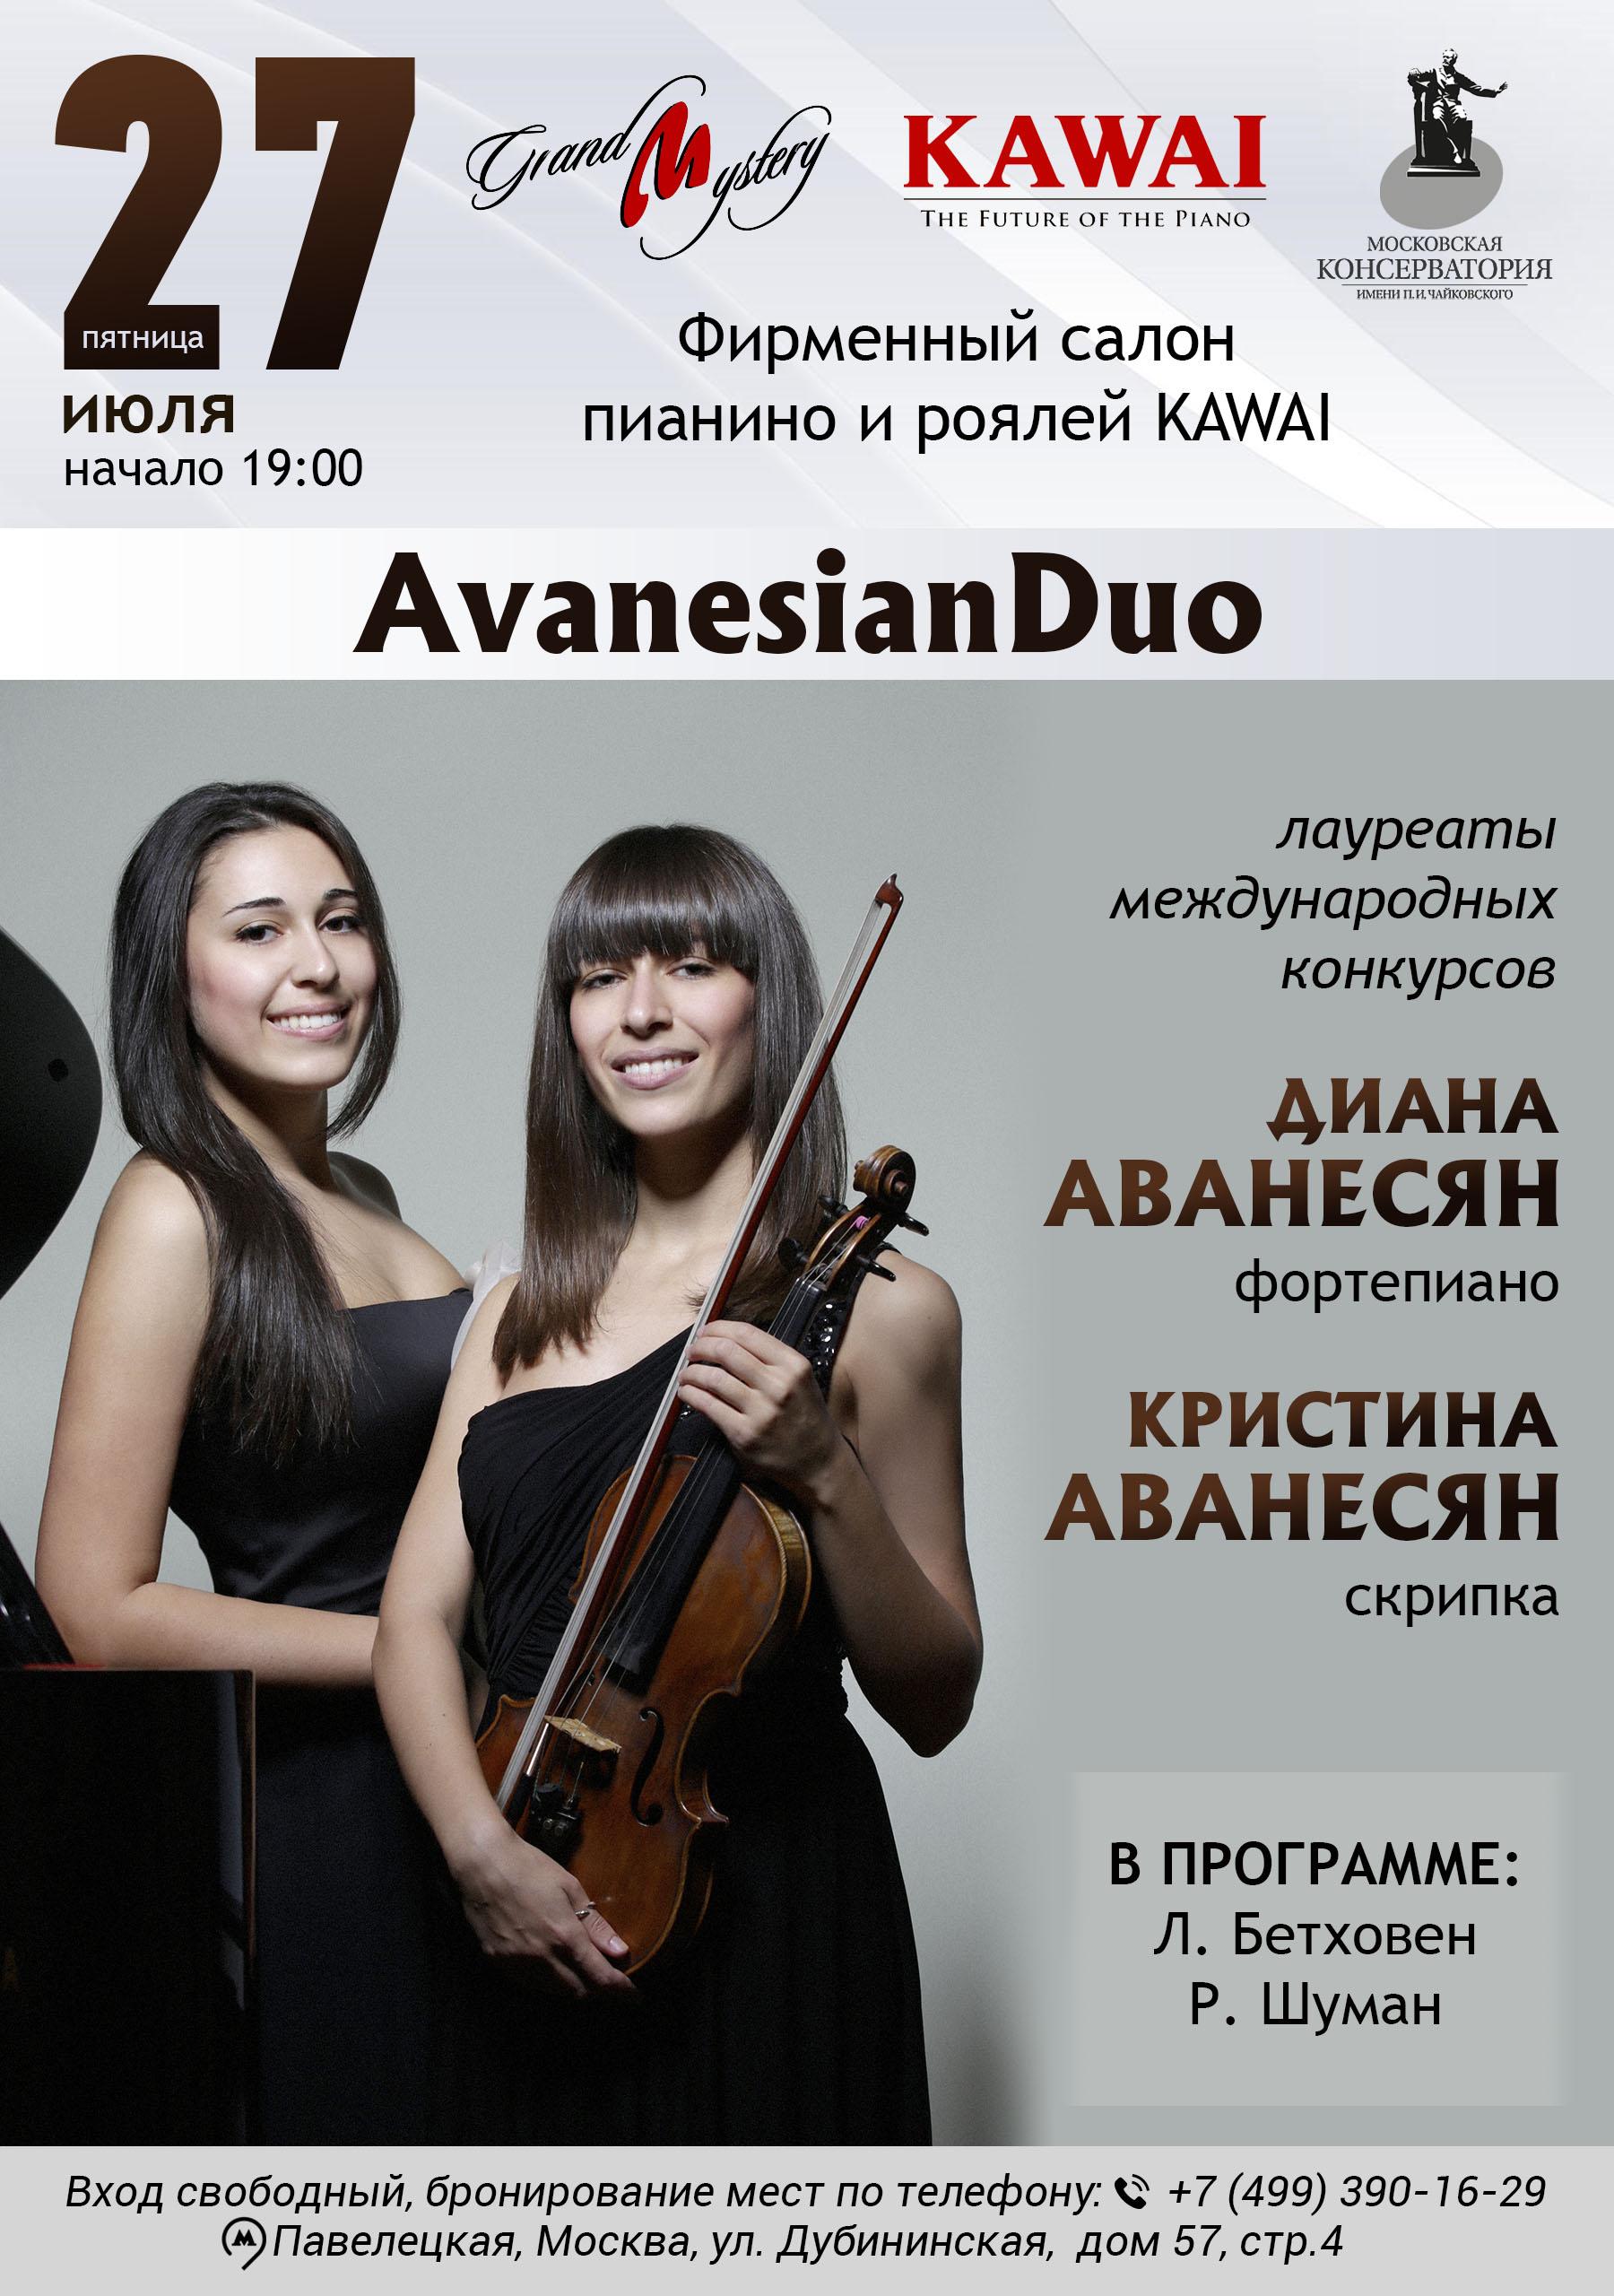 Инструментальный концерт AvanesianDuo